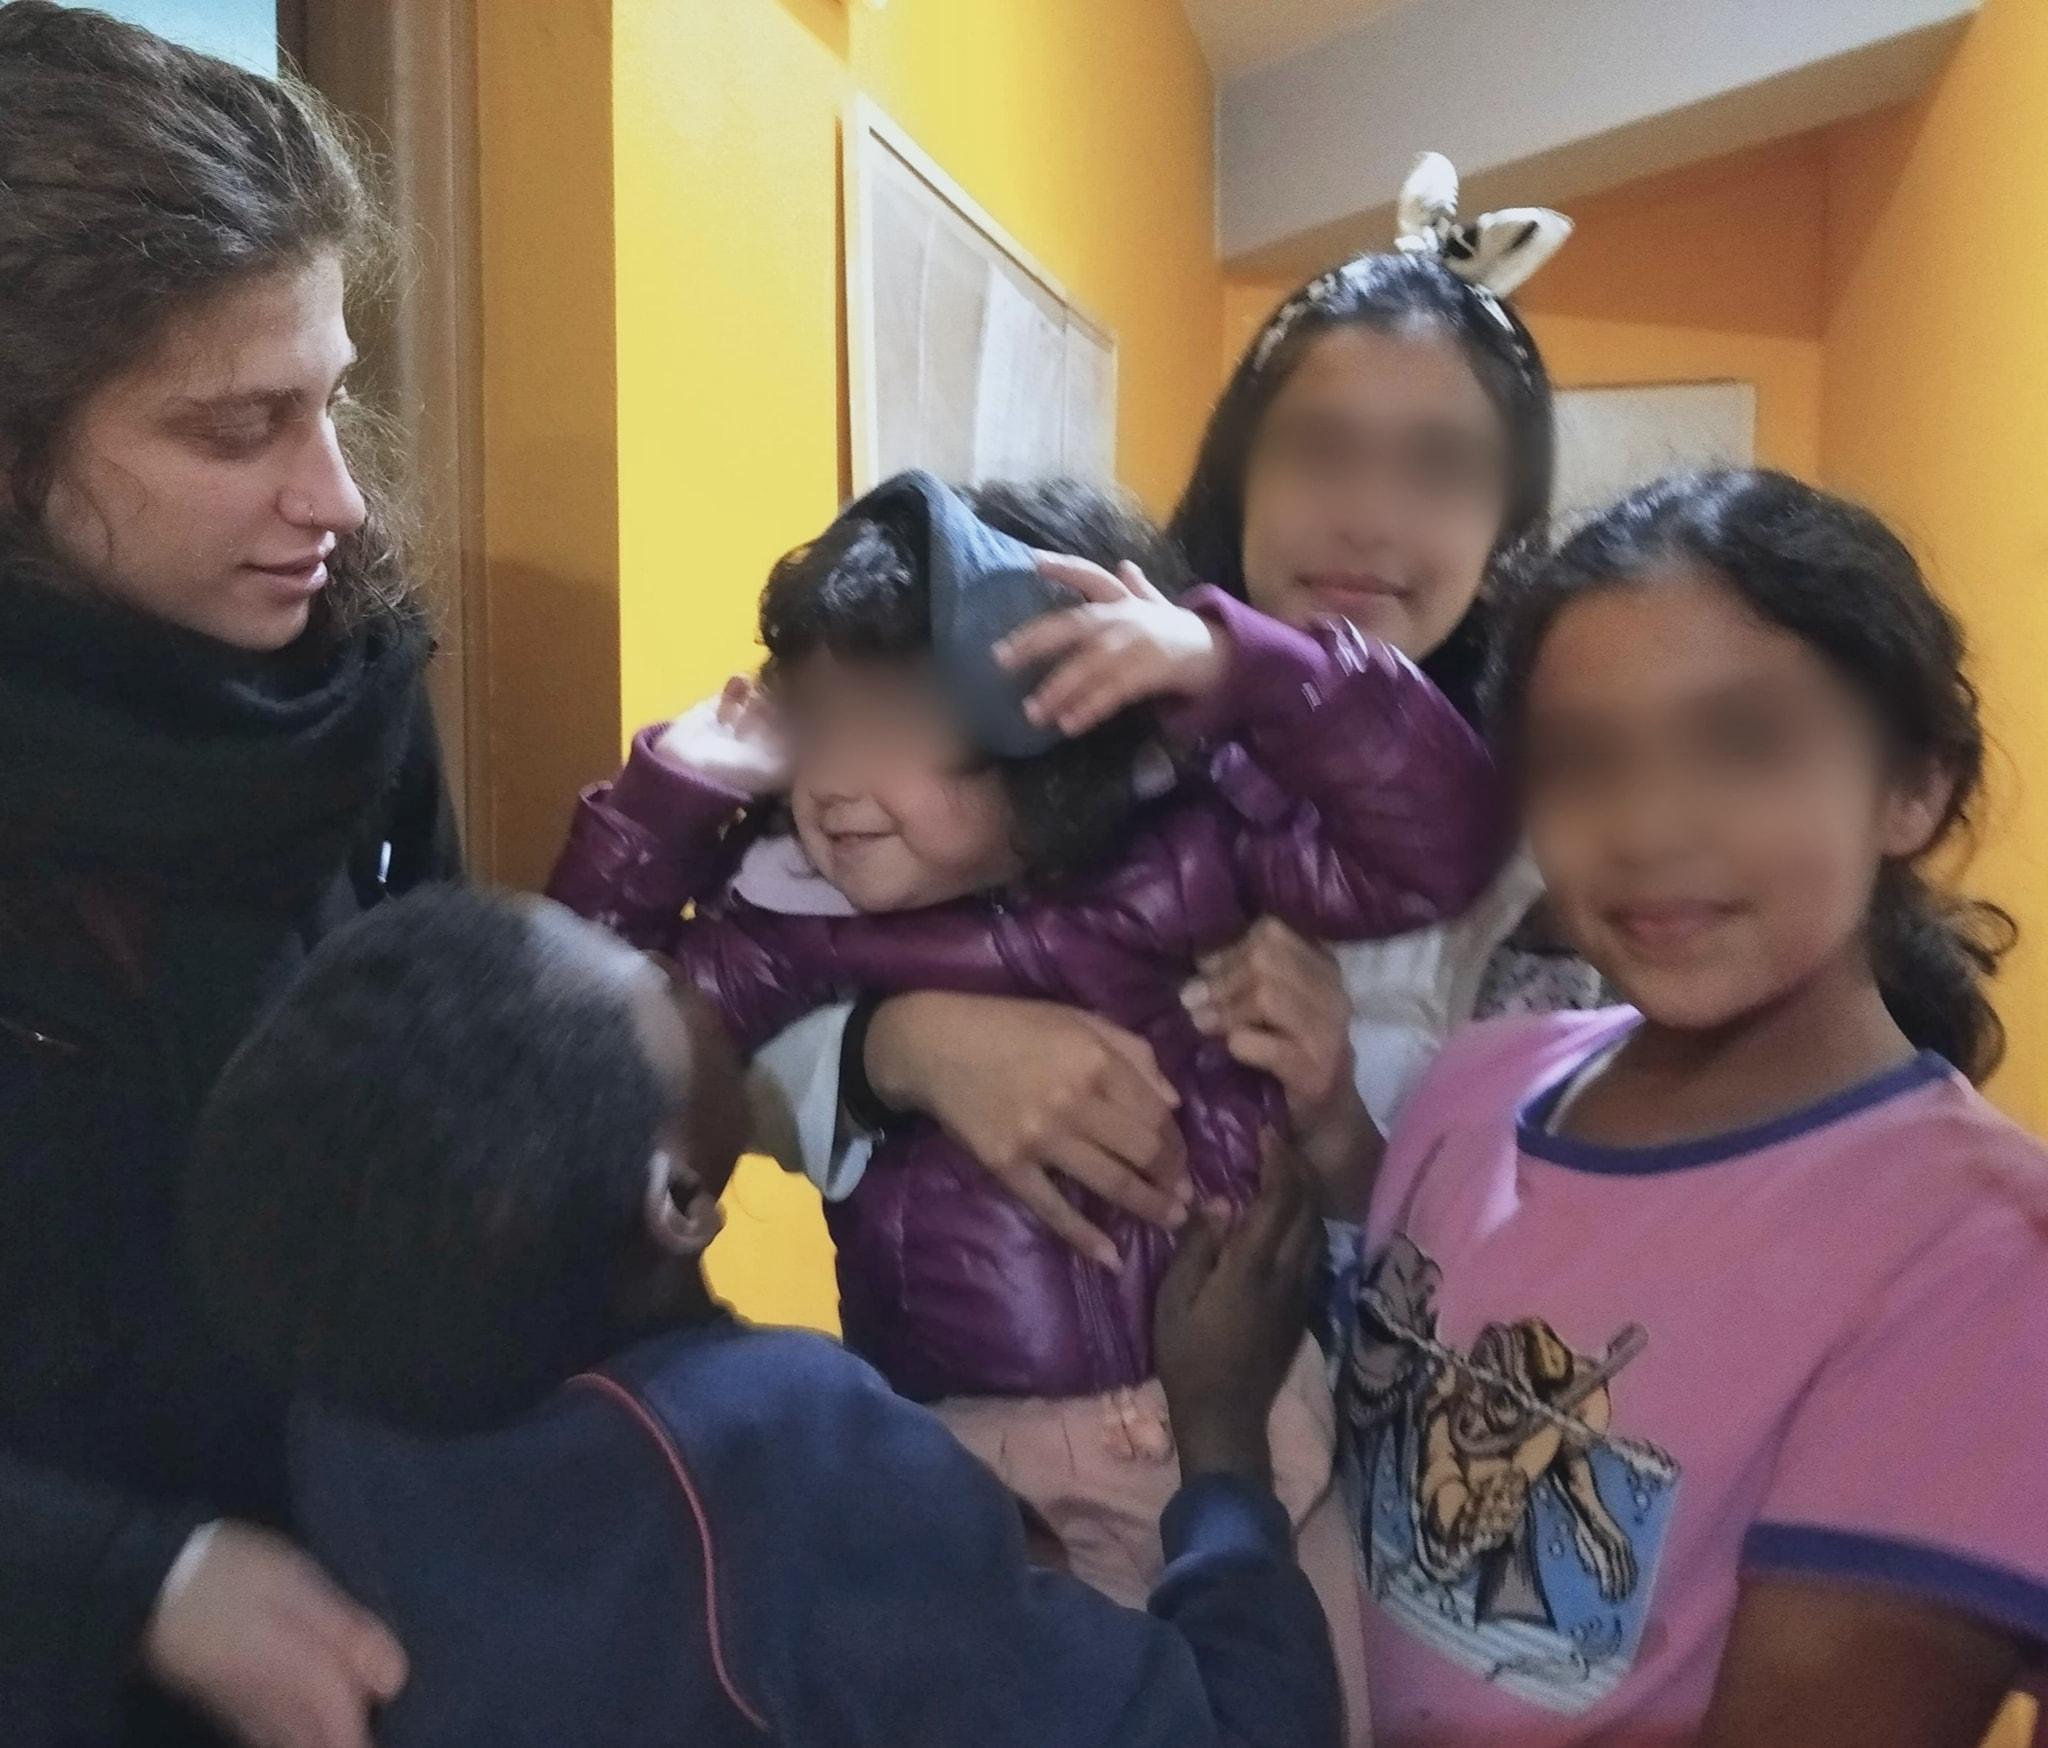 Στην αγκαλιά της οικογένειάς του προσφυγόπουλο που φιλοξένησε η Άρσις Αλεξανδρούπολης